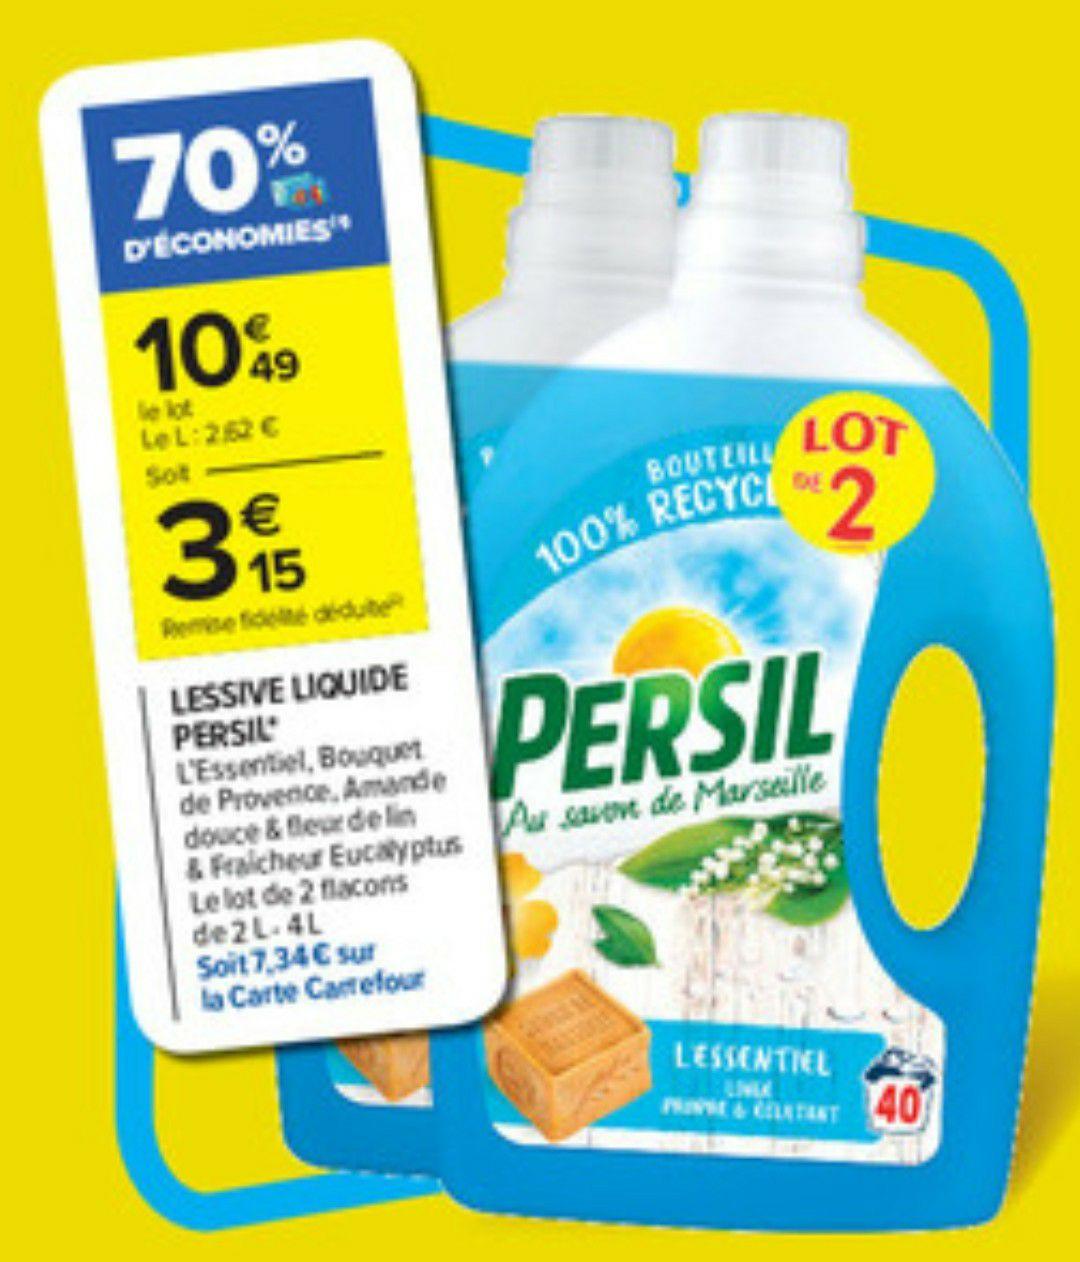 Lot de 2 bidons de lessive liquide Persil - différents parfums (via 7.34€ sur la carte fidélité)